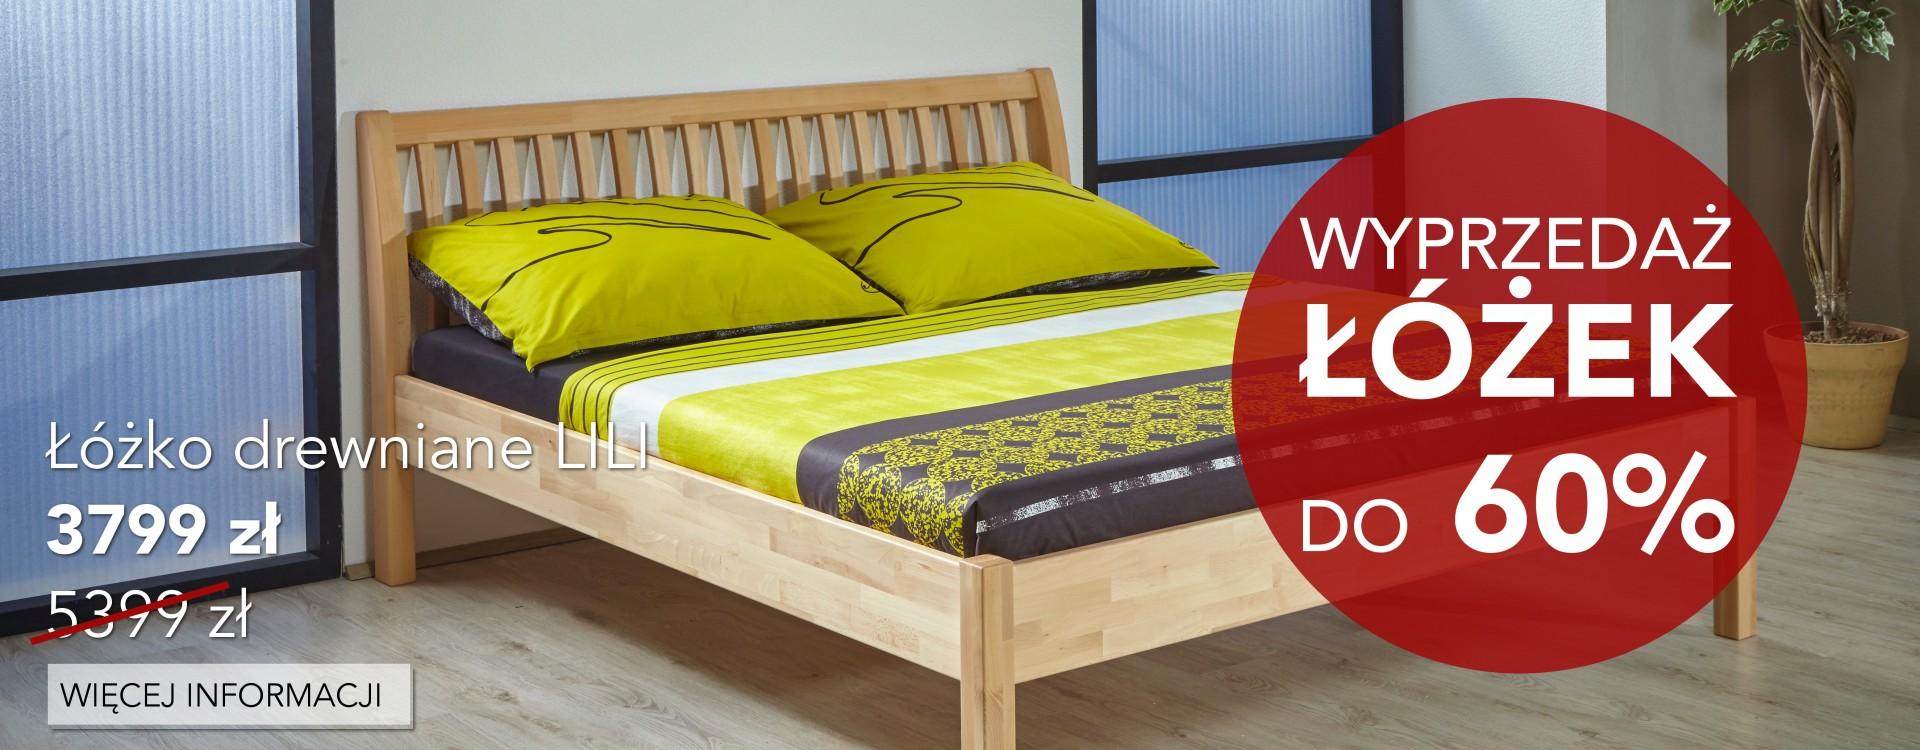 Wyprzedaż kolekcji łóżek 2017 z rabatami do -60%